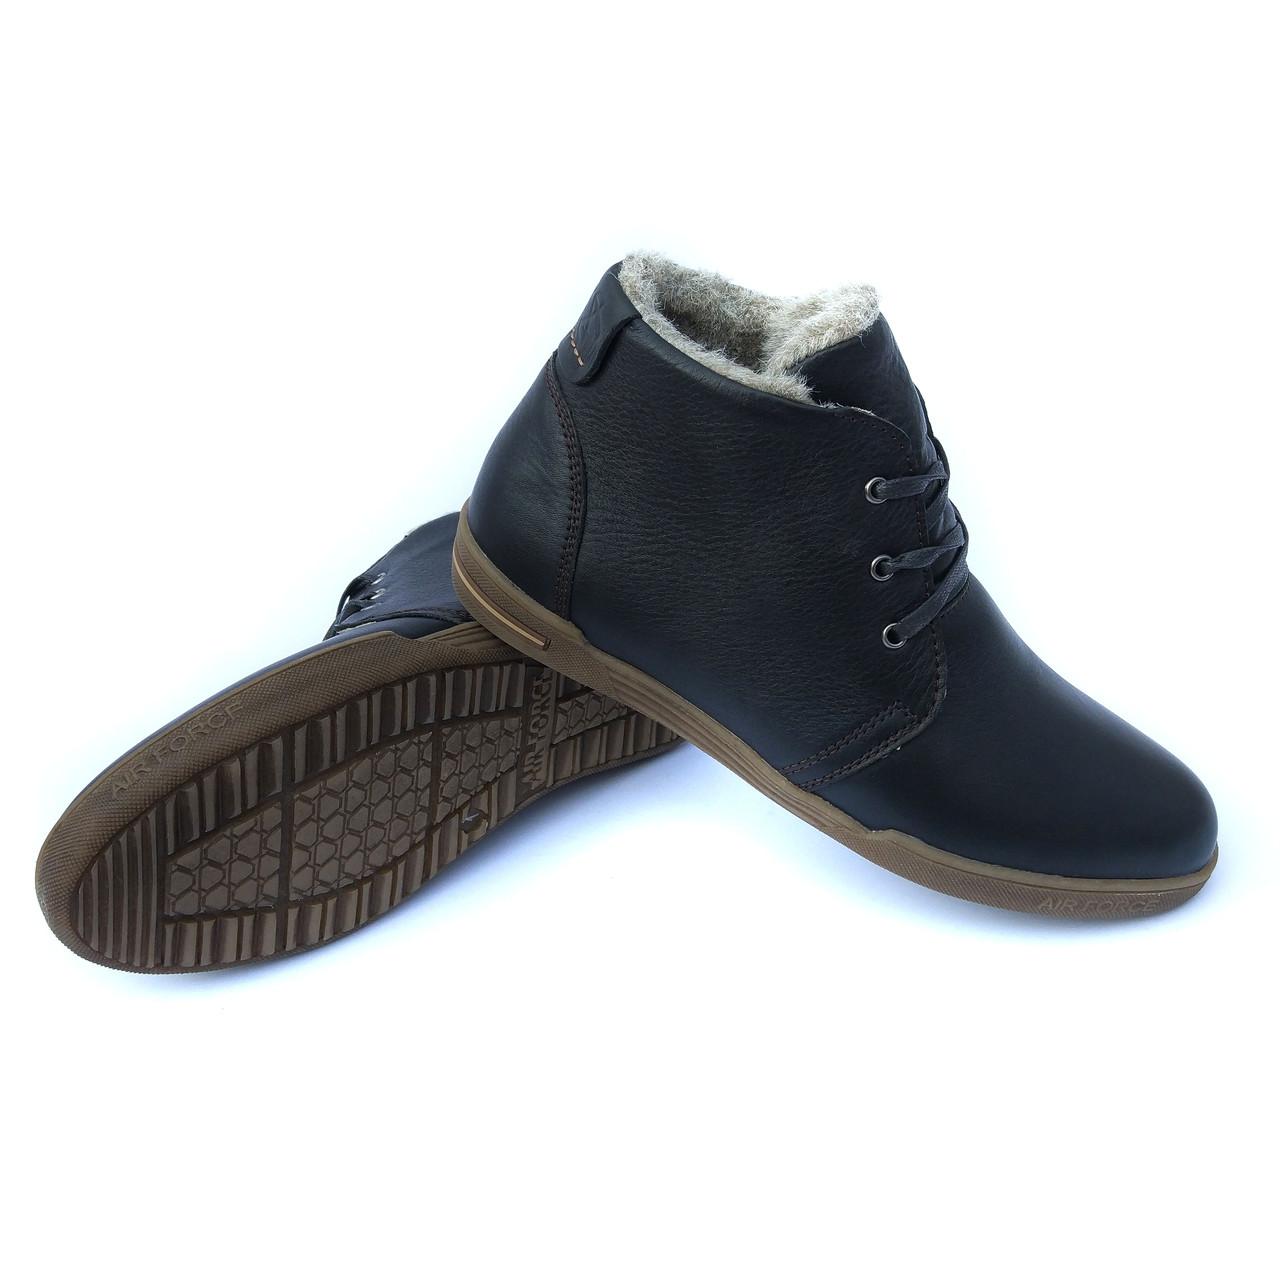 8e480e7aa Мужские ботинки Харьков: зимние кожаные ботинки, черного цвета, на меху, от  украинского